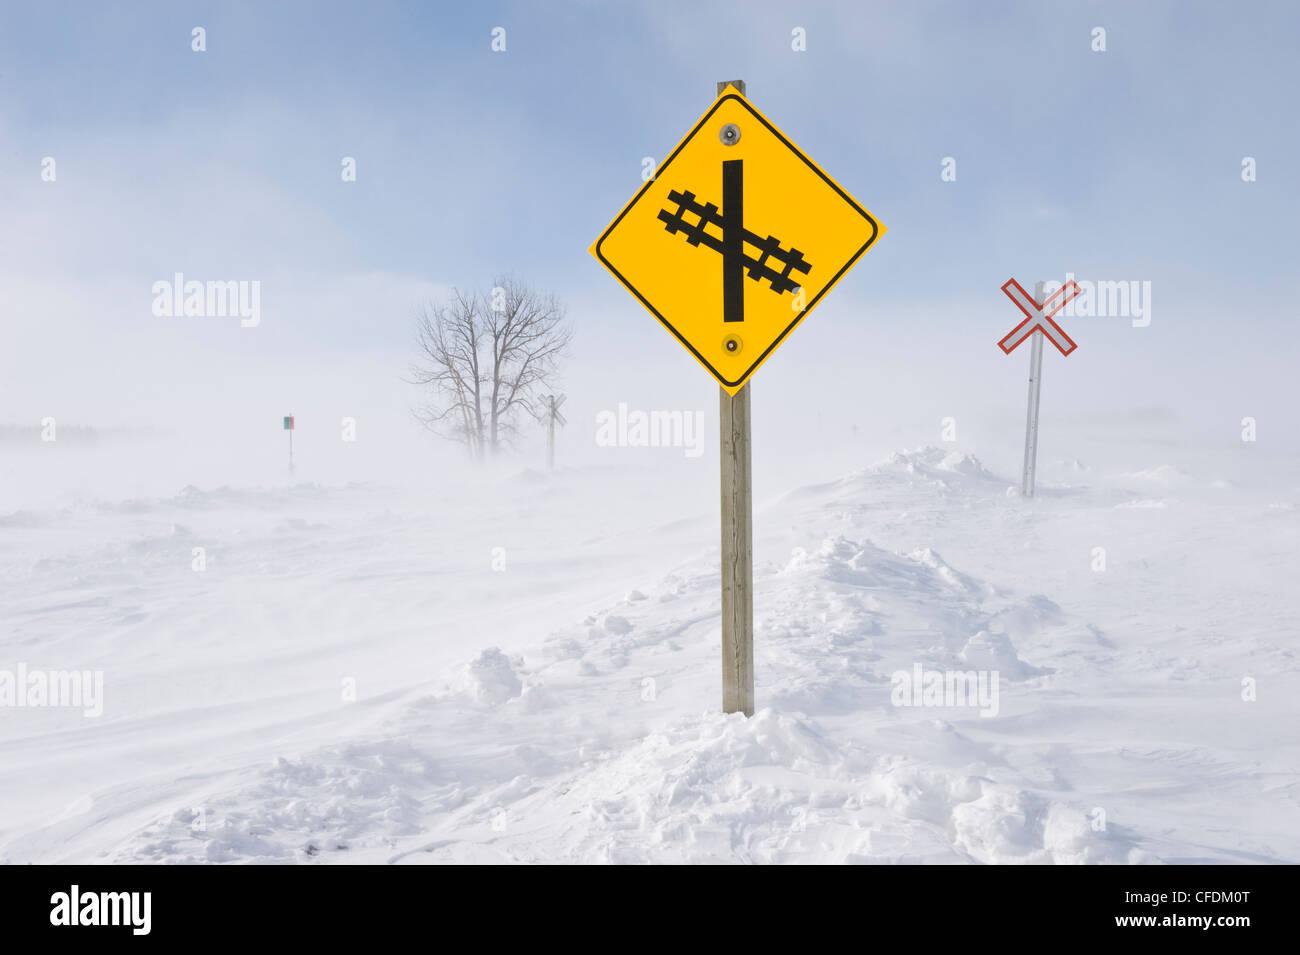 Straßen- und Schienennetz bedeckt mit Schneeverwehungen, in der Nähe von Domäne, Manitoba, Kanada Stockbild